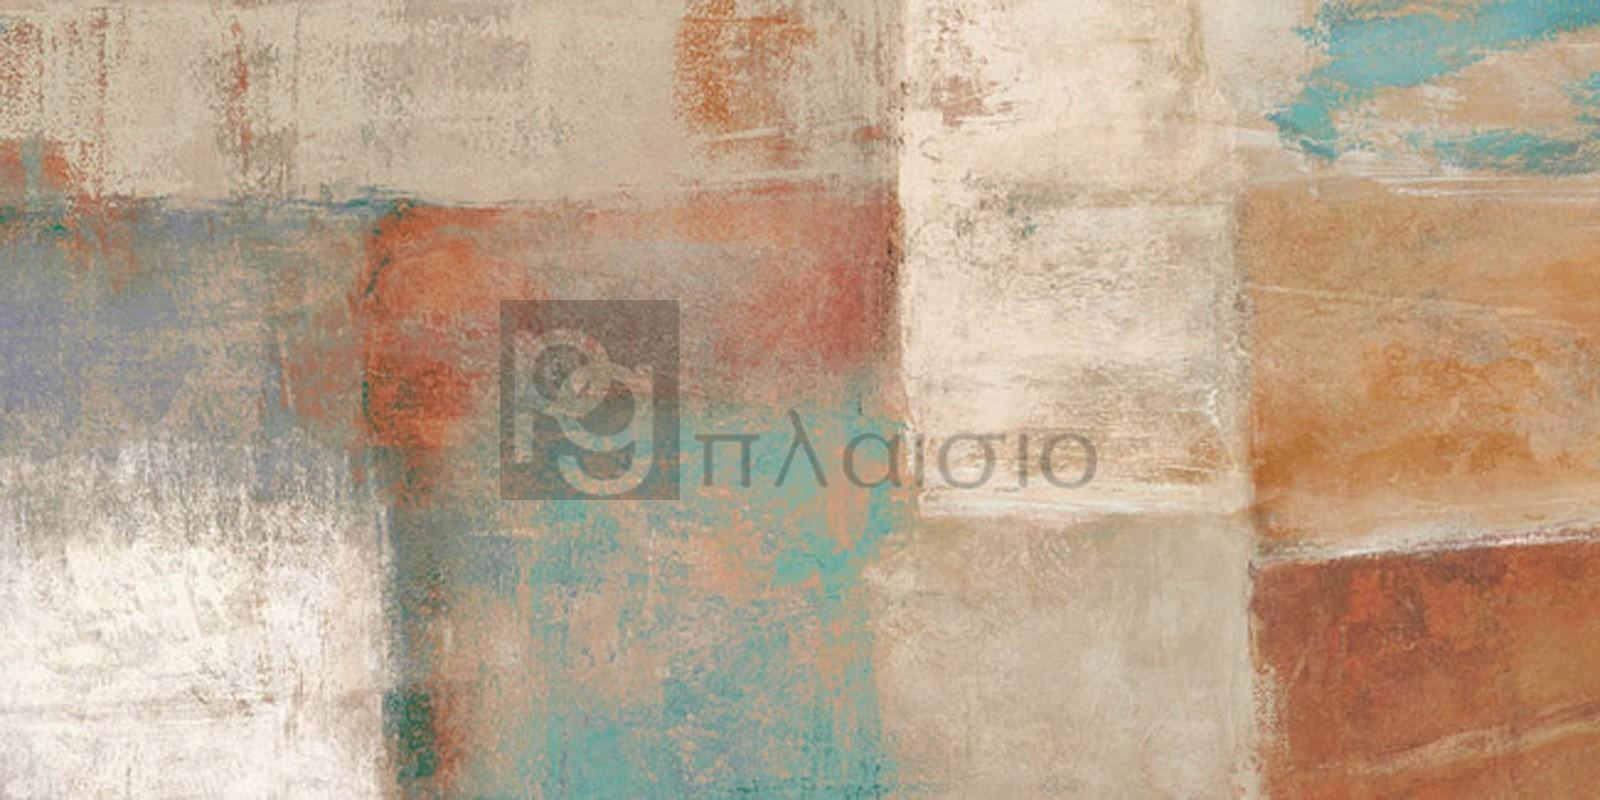 Ruggero Falcone - Velvet Desert